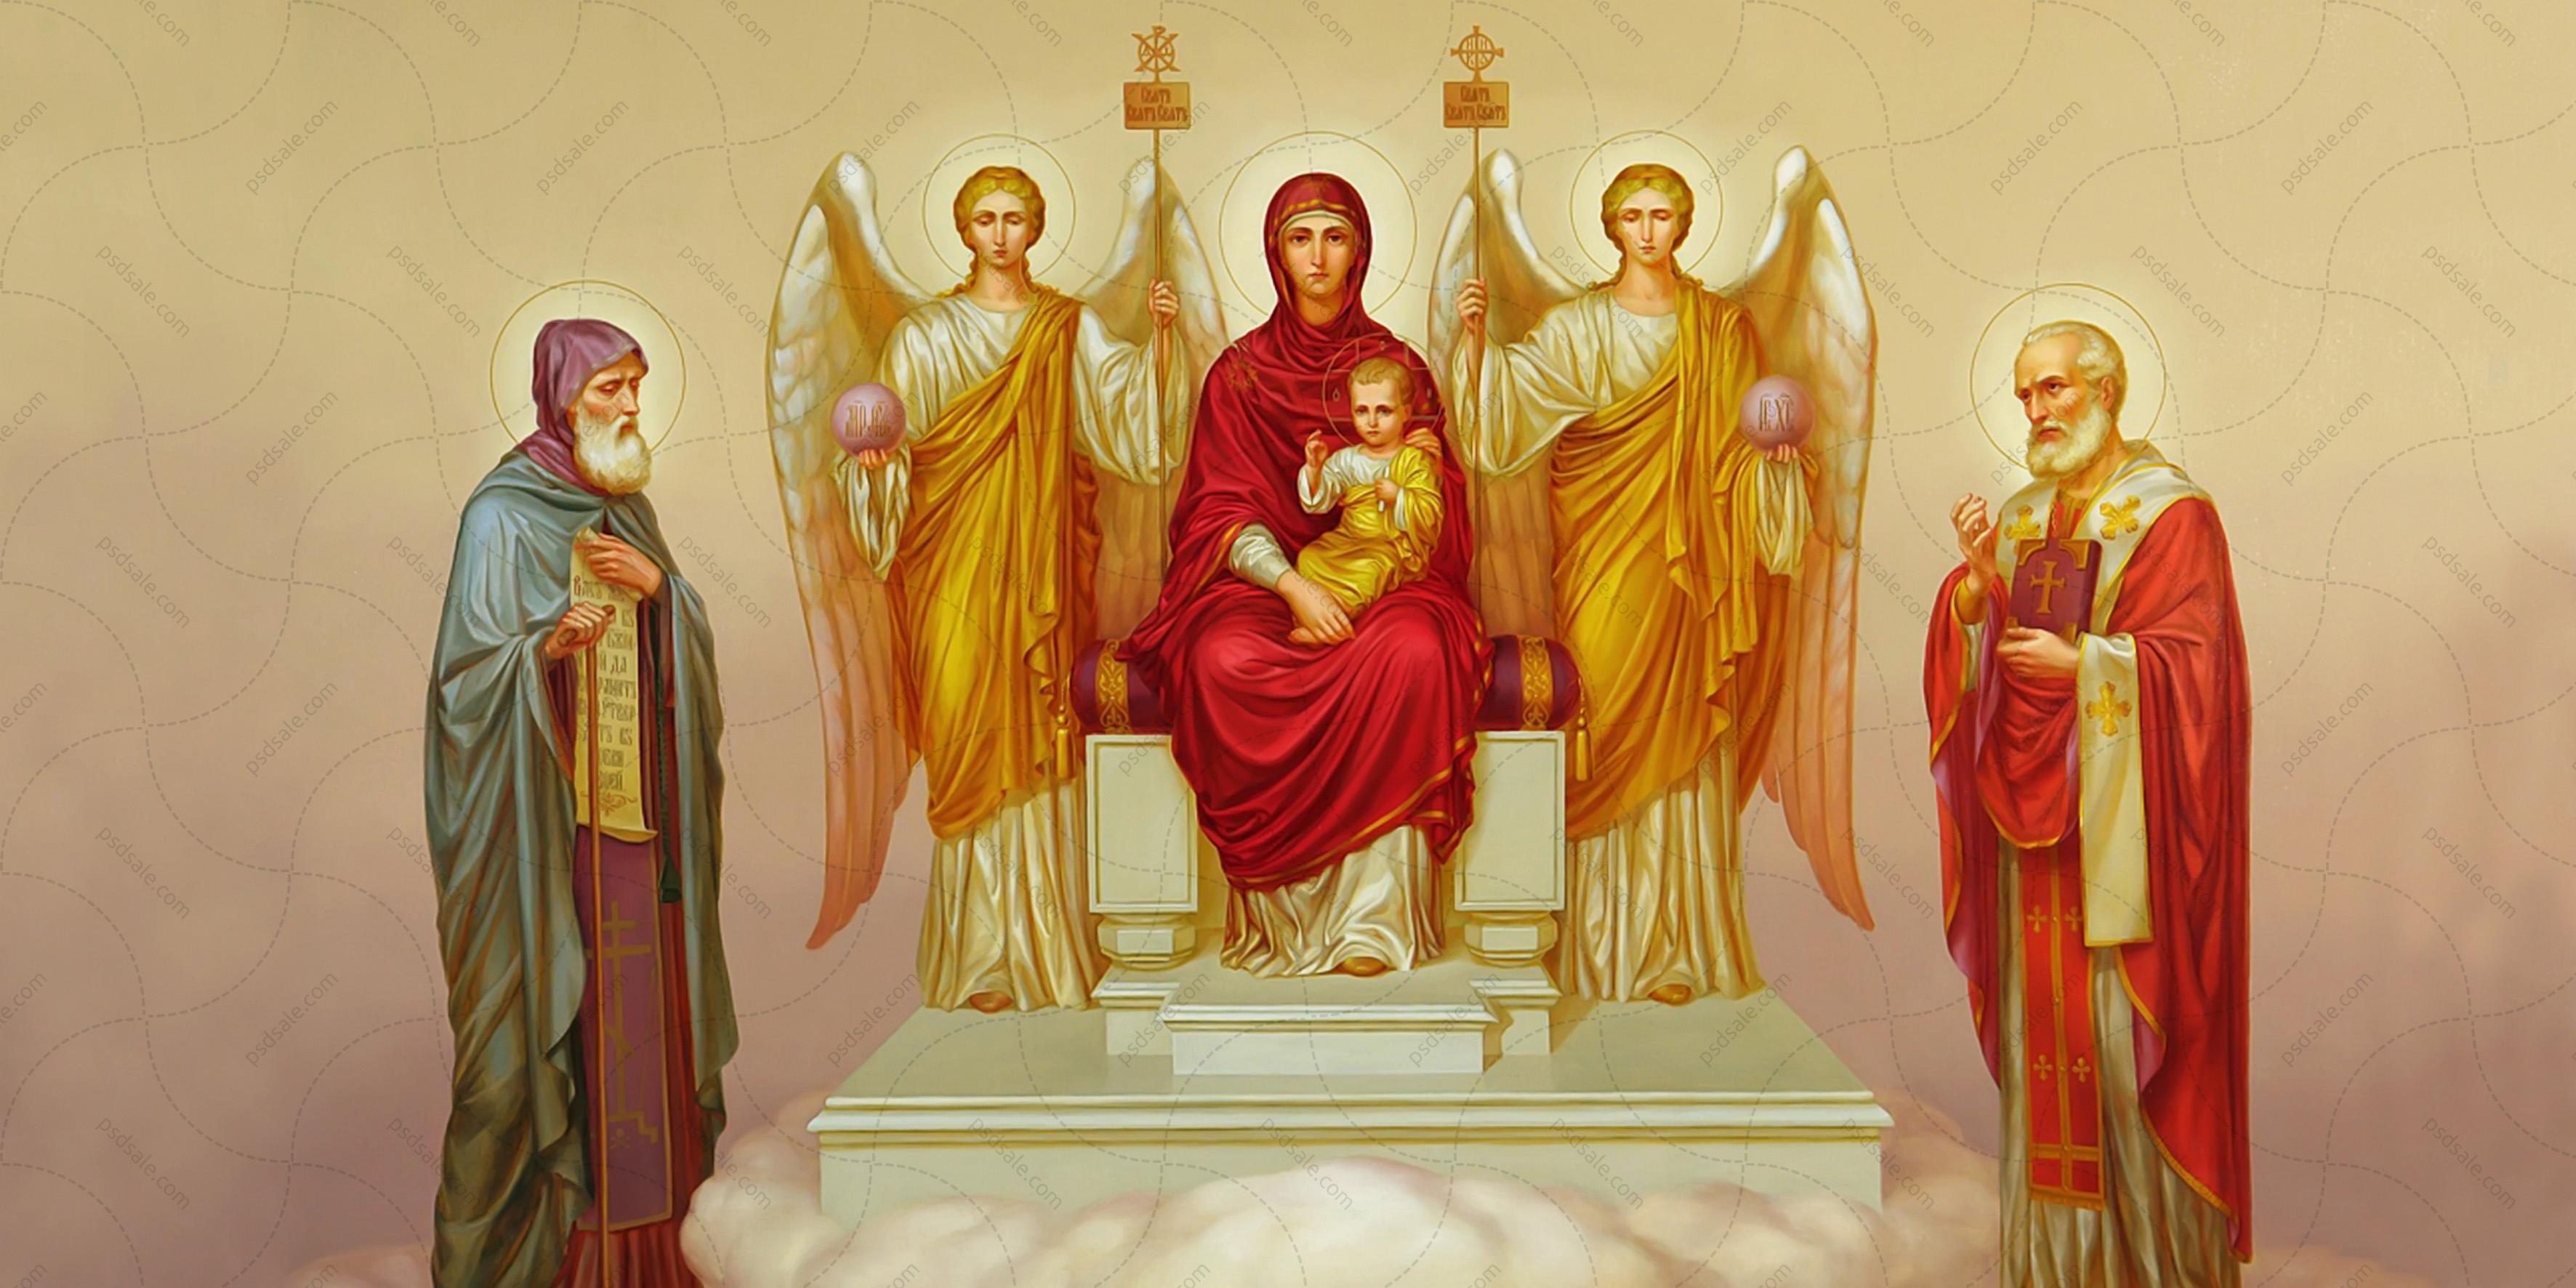 Образ пресвятой богородицы на троне с предстоящими